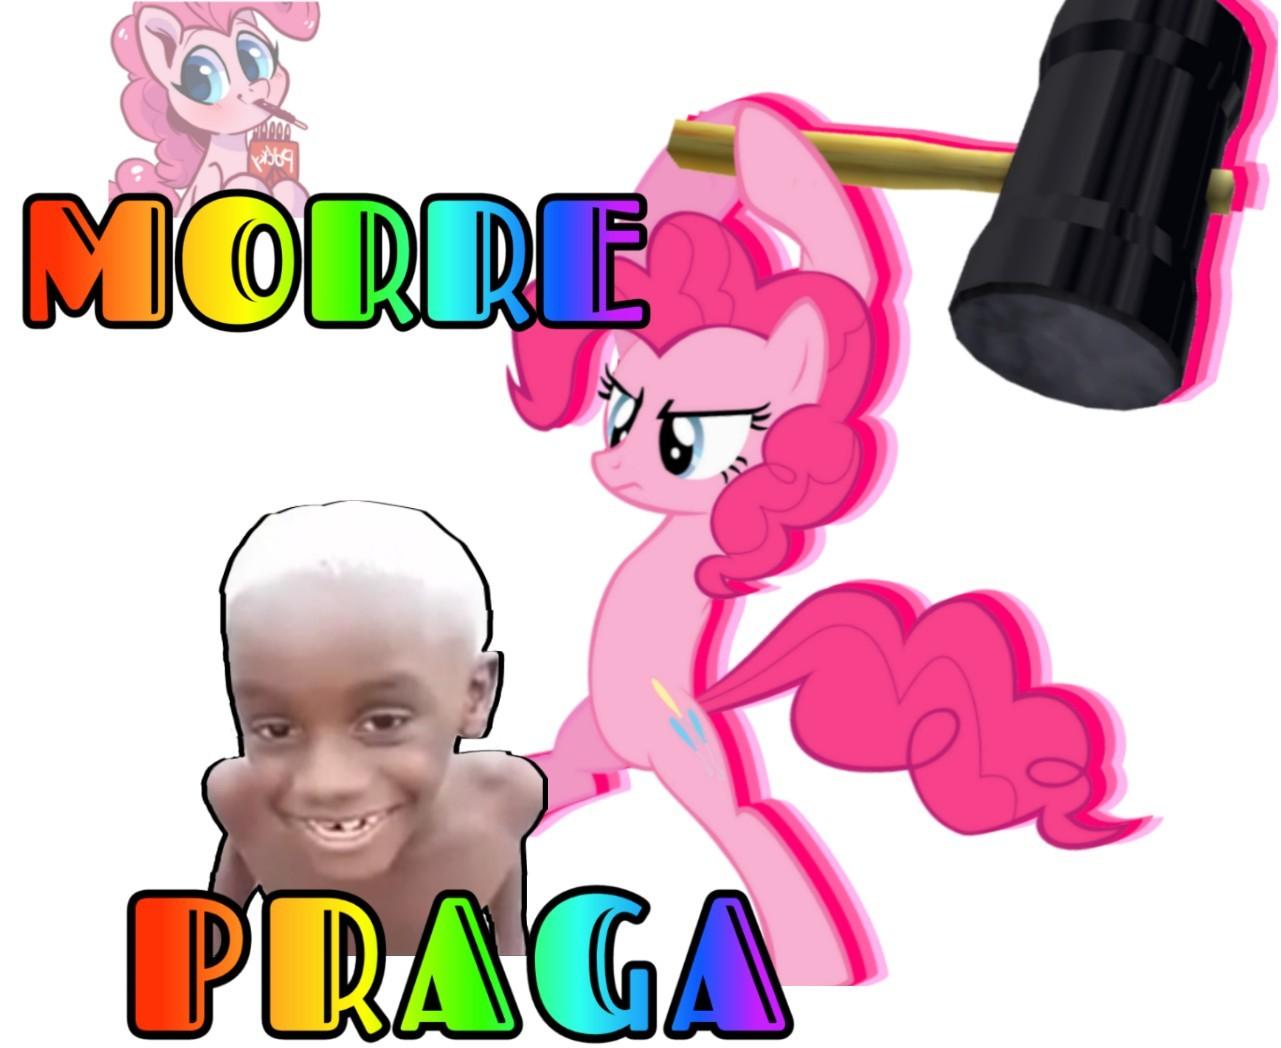 MORRA NEGO NEY MORRA - meme